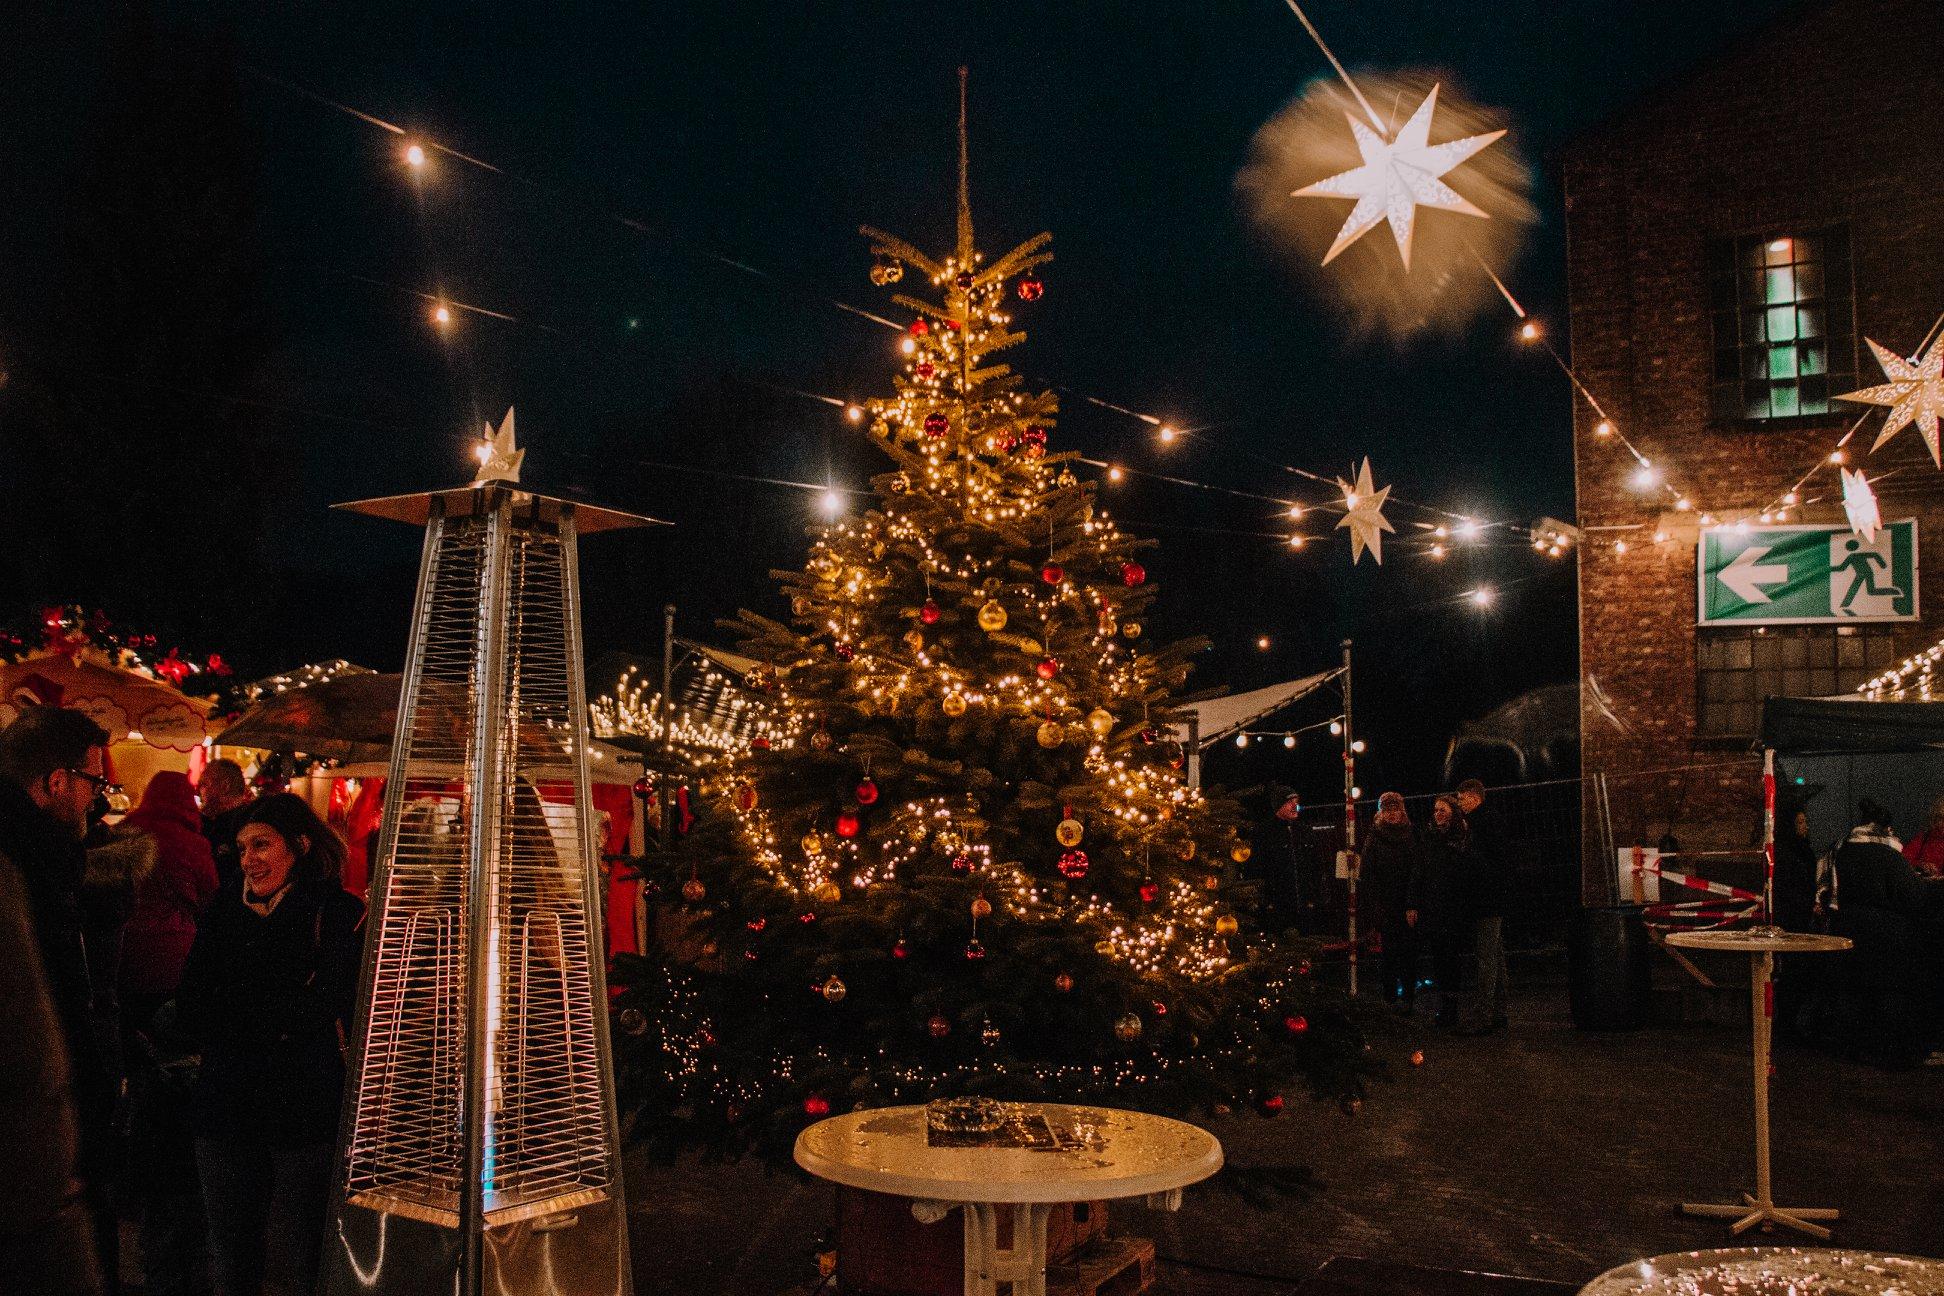 einzig-art-ICH auf dem Weihnachtsmarkt des Gebrauchtwarenhaus 2018